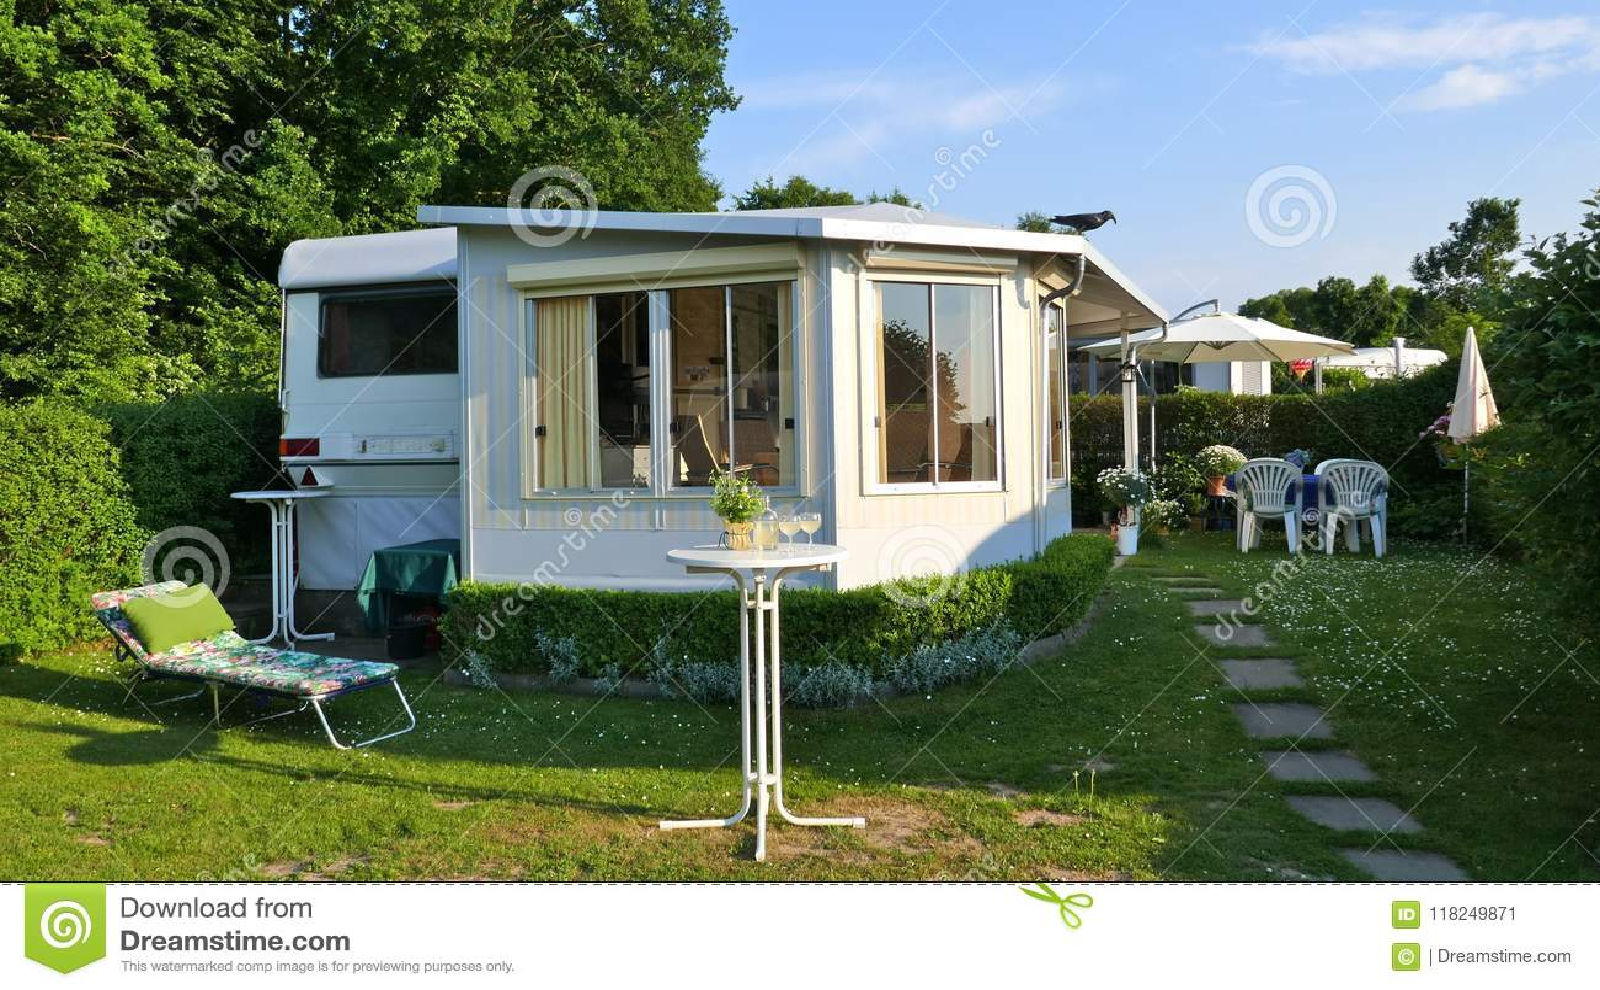 Caravane avec une véranda fixe faite de tissu de tente, fenêtres de glissement en verre et abat-jour sur un terrain de camping al